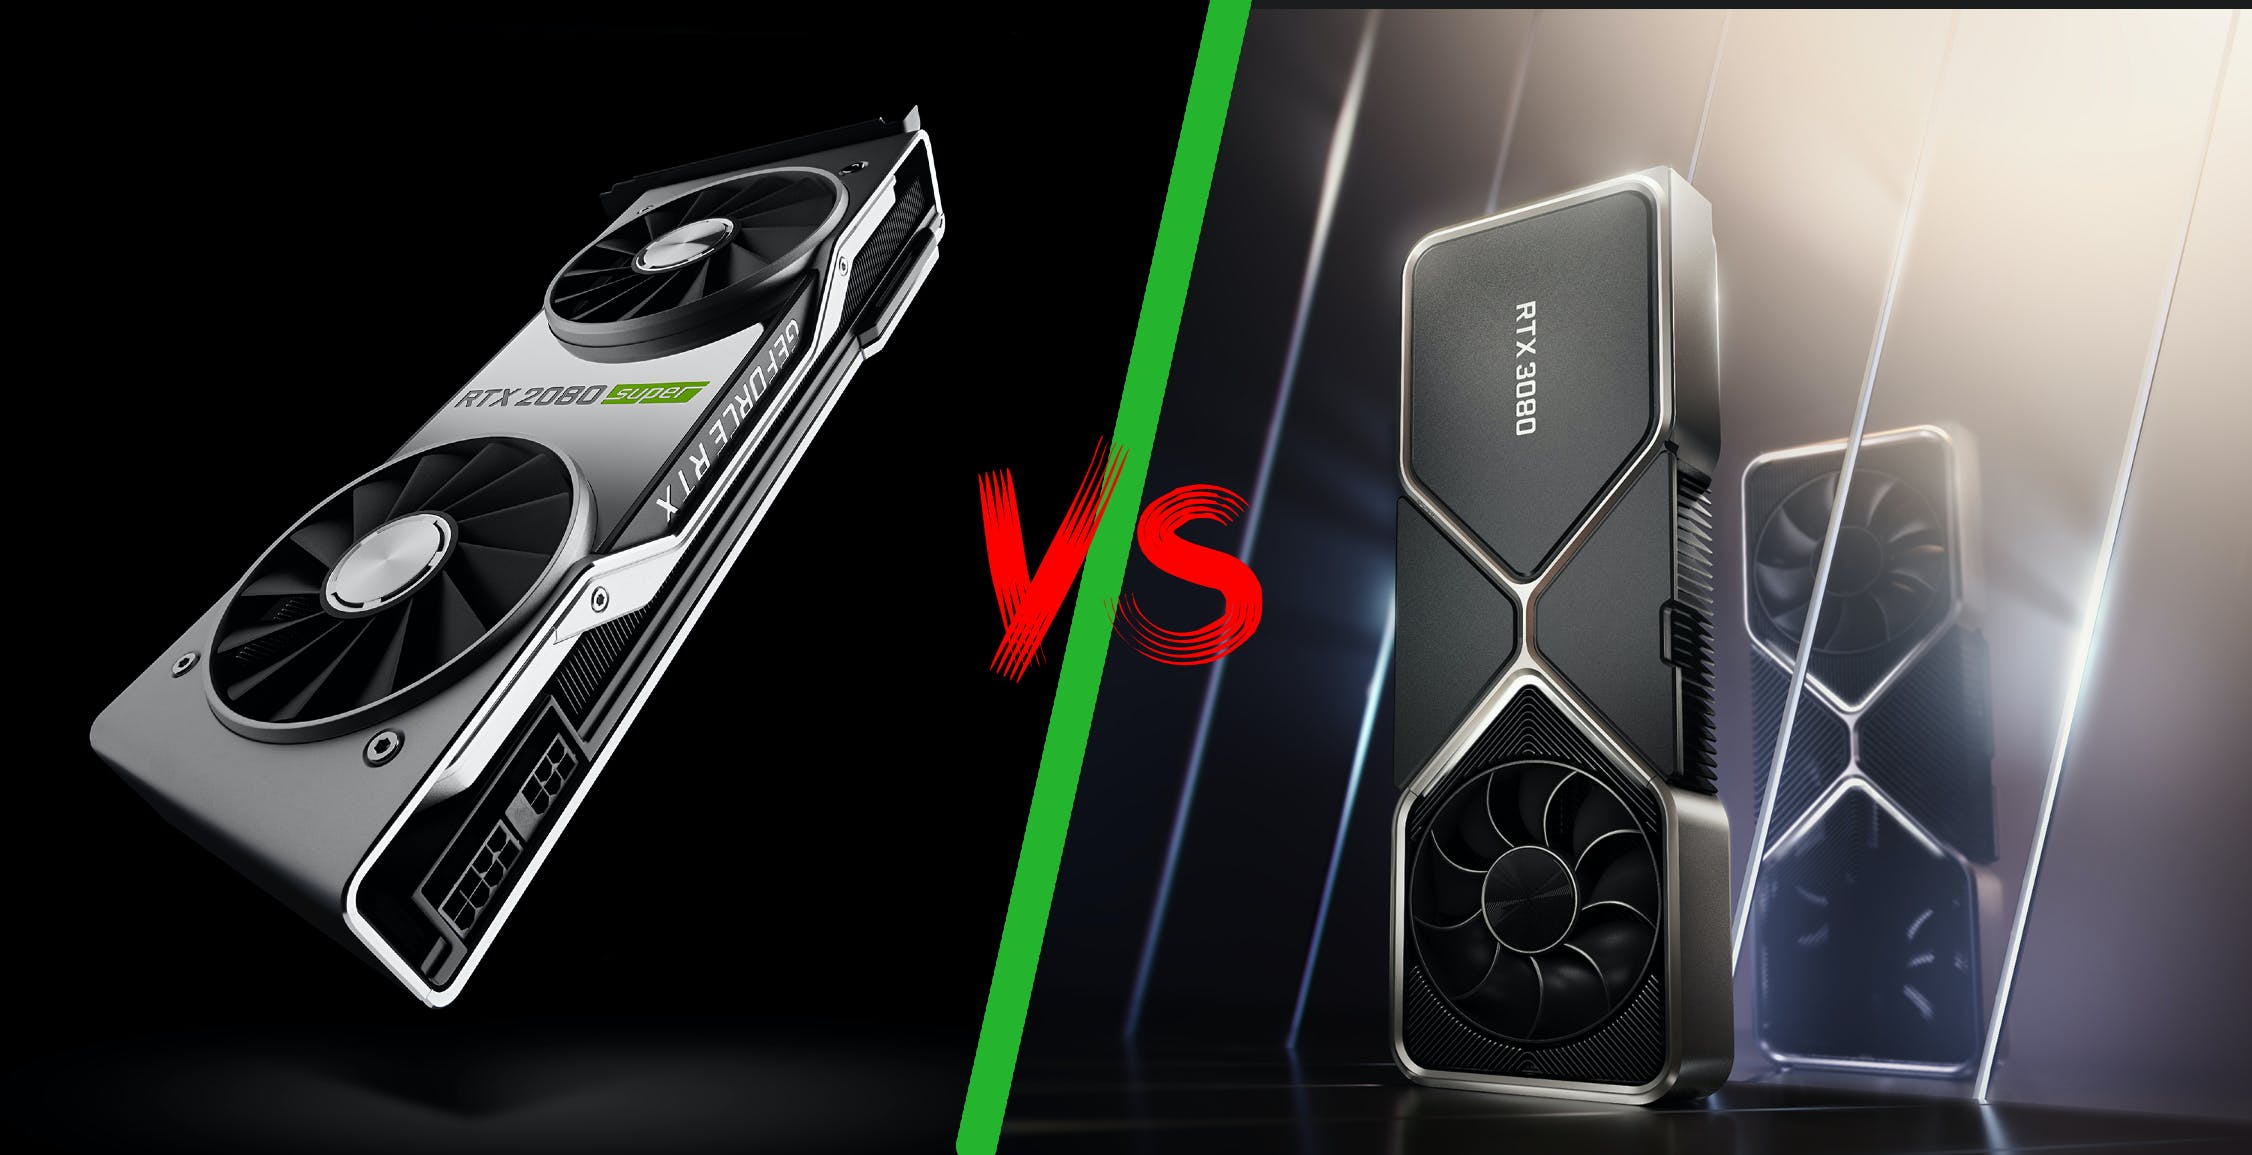 Le nuove RTX Ampere di Nvidia sono molto più economiche delle RTX Turing anche se sono più potenti